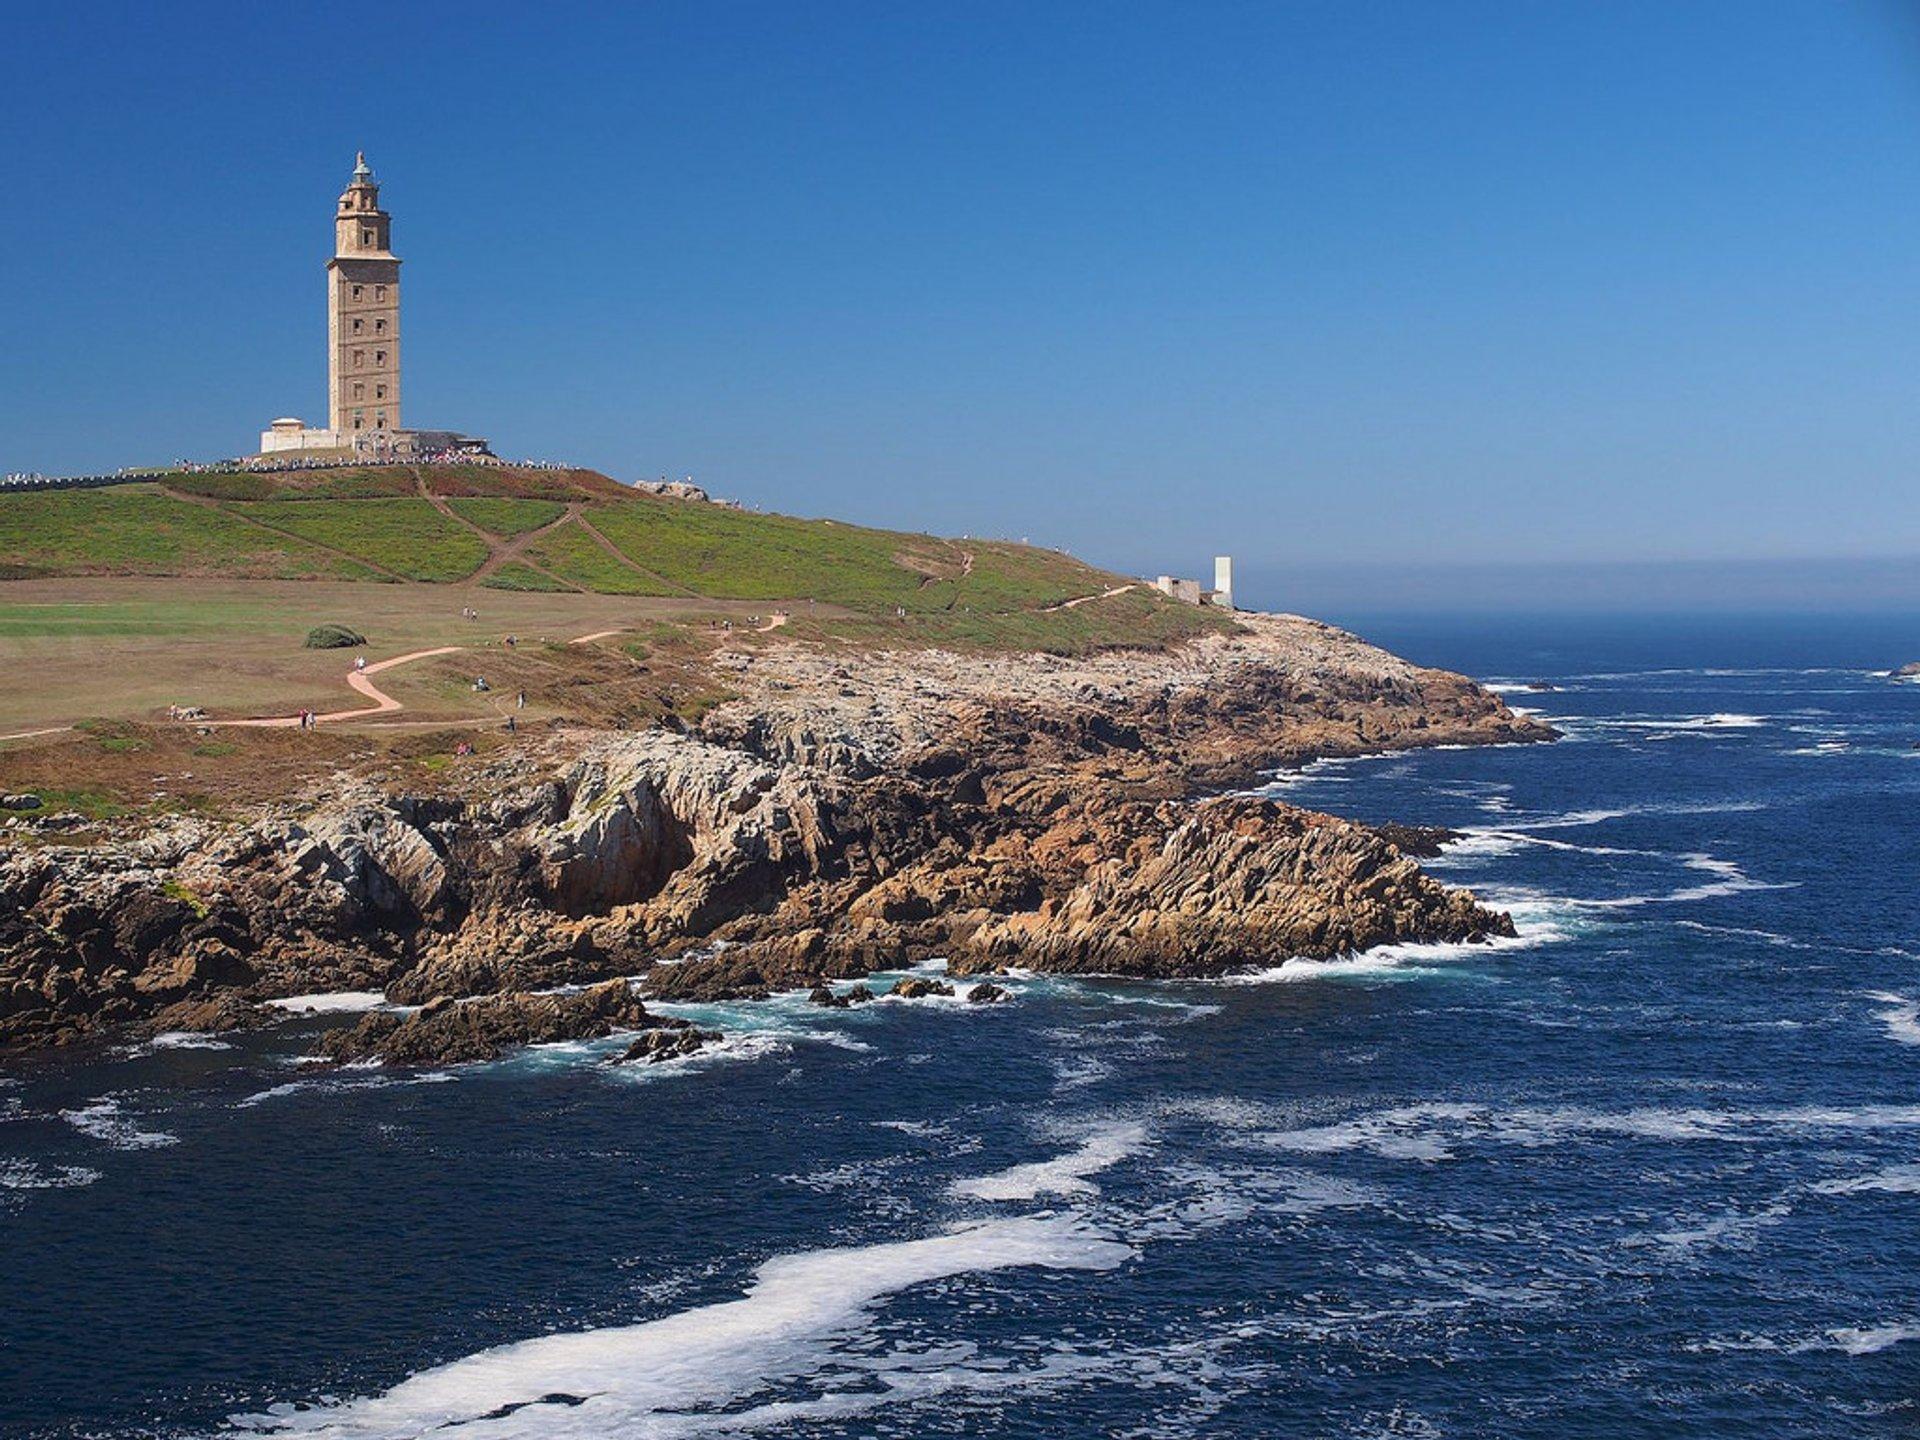 Tower of Hercules in Spain - Best Time